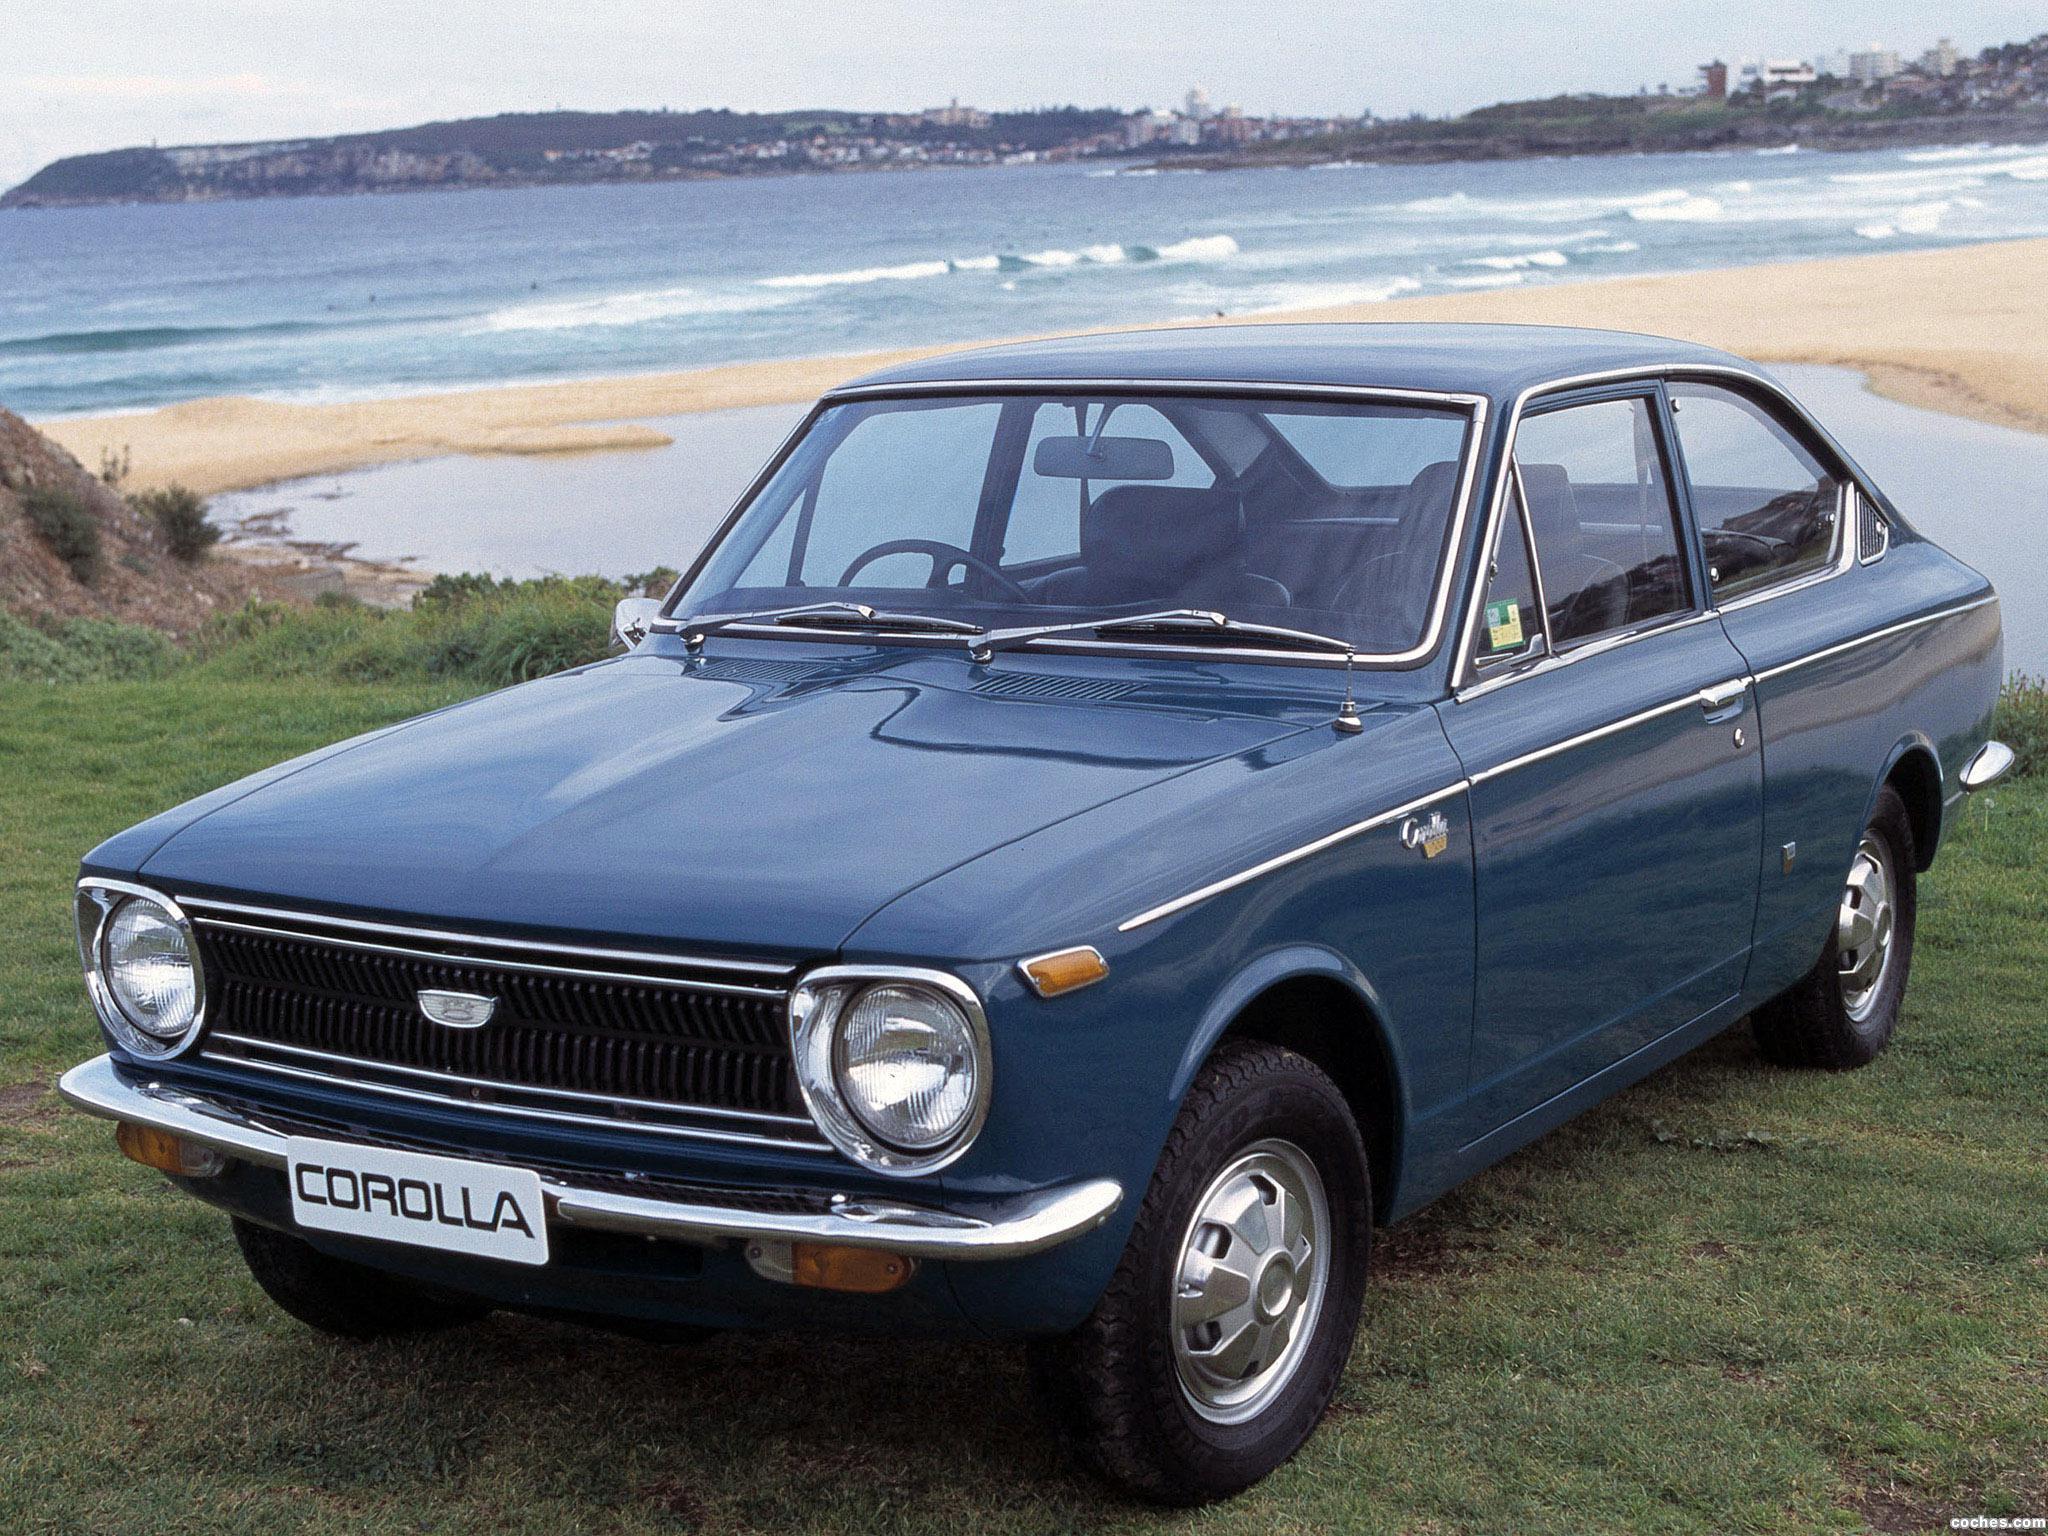 Foto 0 de Toyota Corolla E10-11 Australia 1966